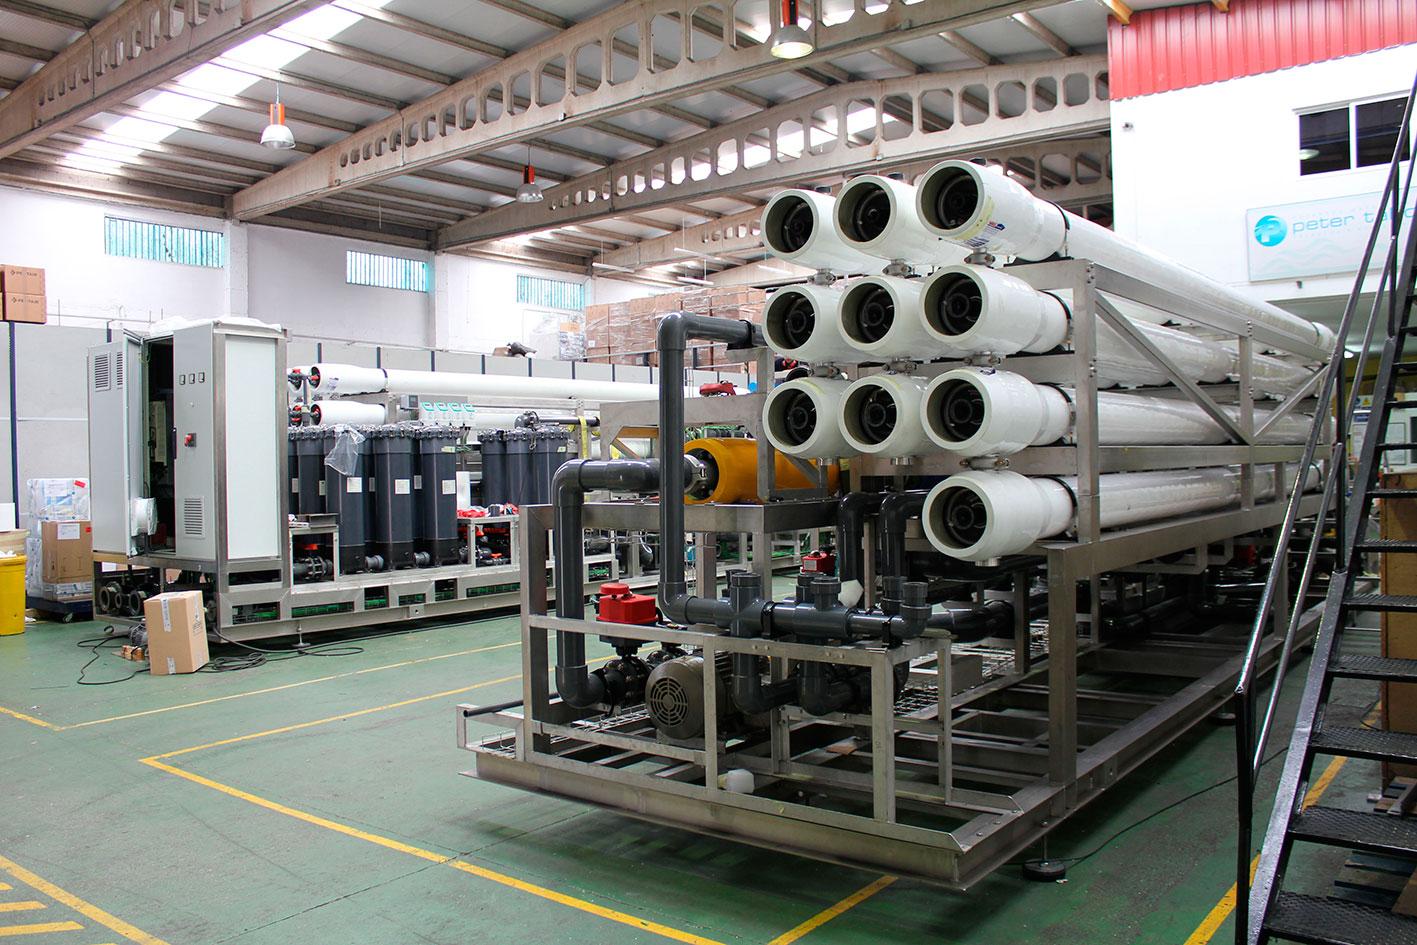 Instalaciones de Peter Taboada, desalinización y potabilización de agua